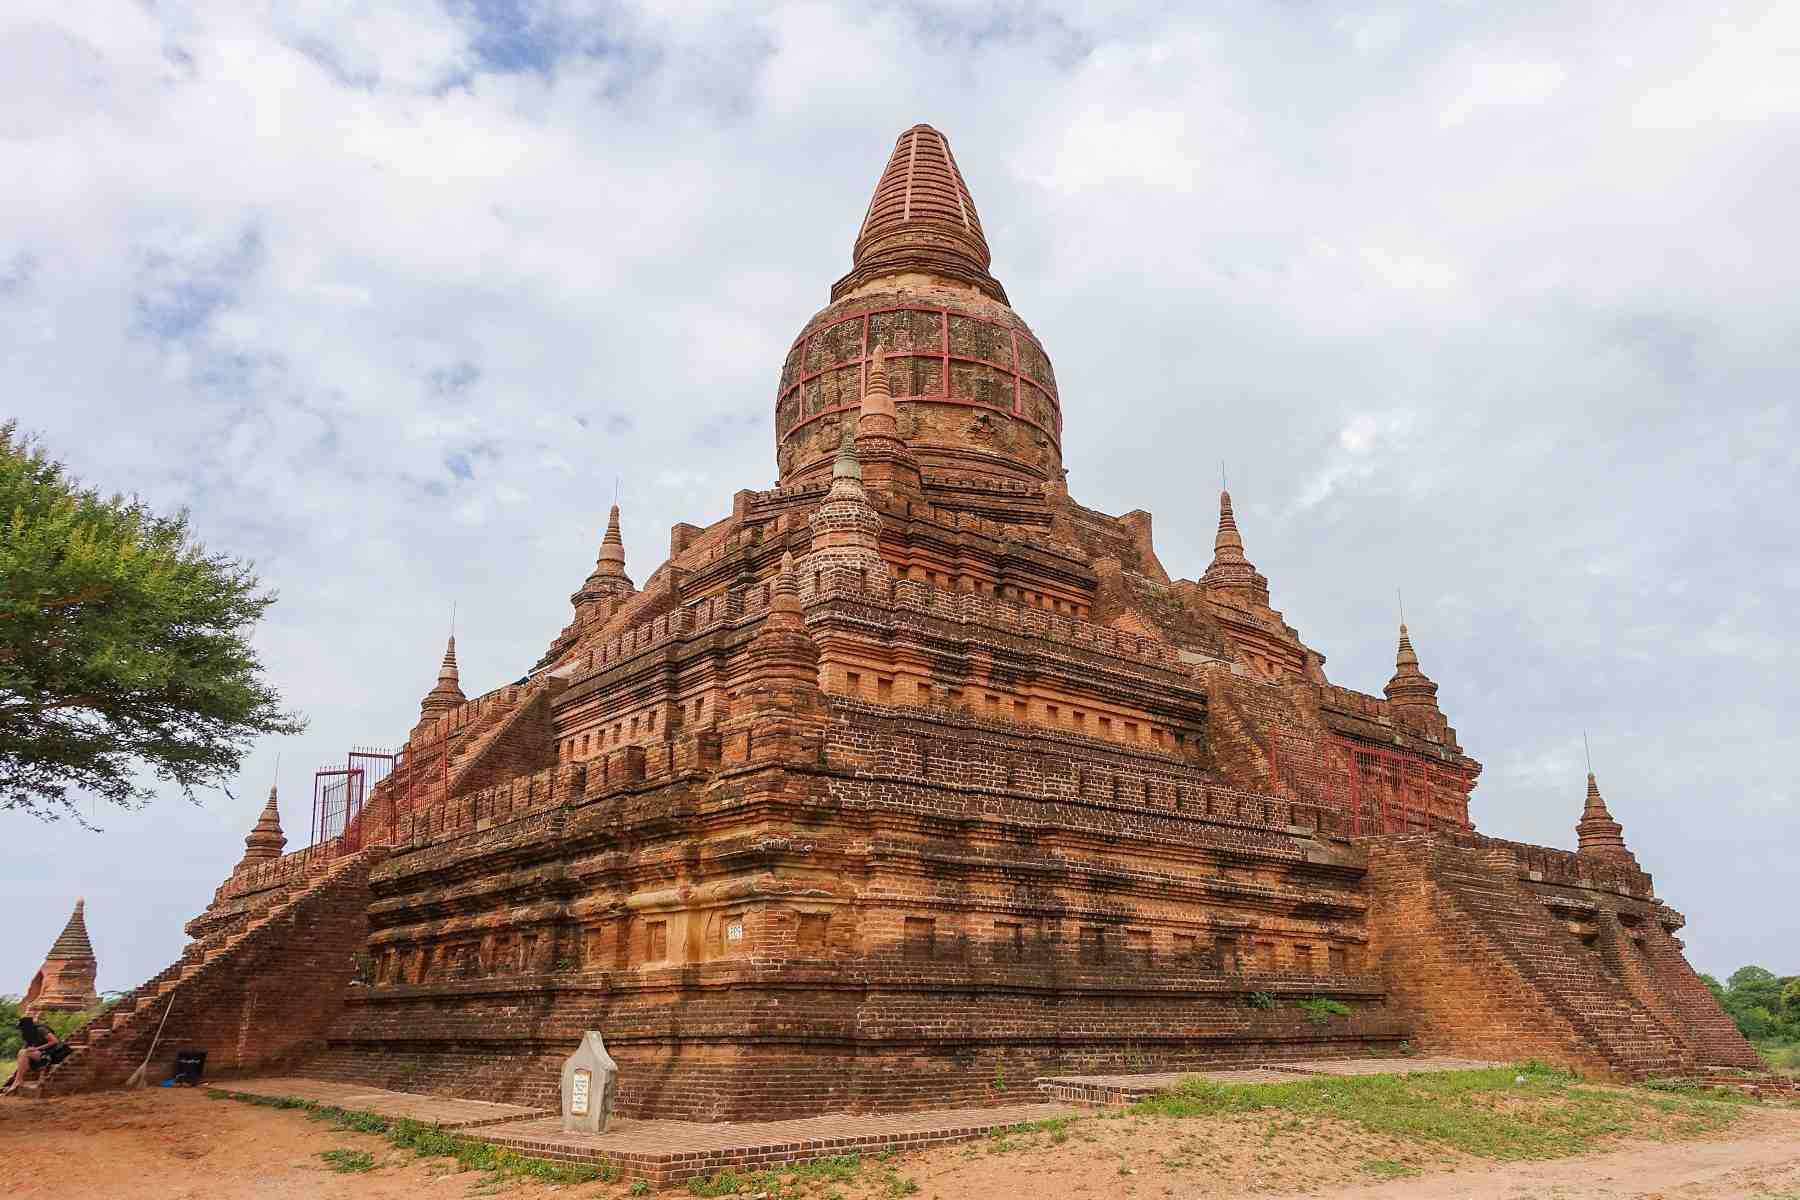 Bulethi stupa in Bagan, Myanmar